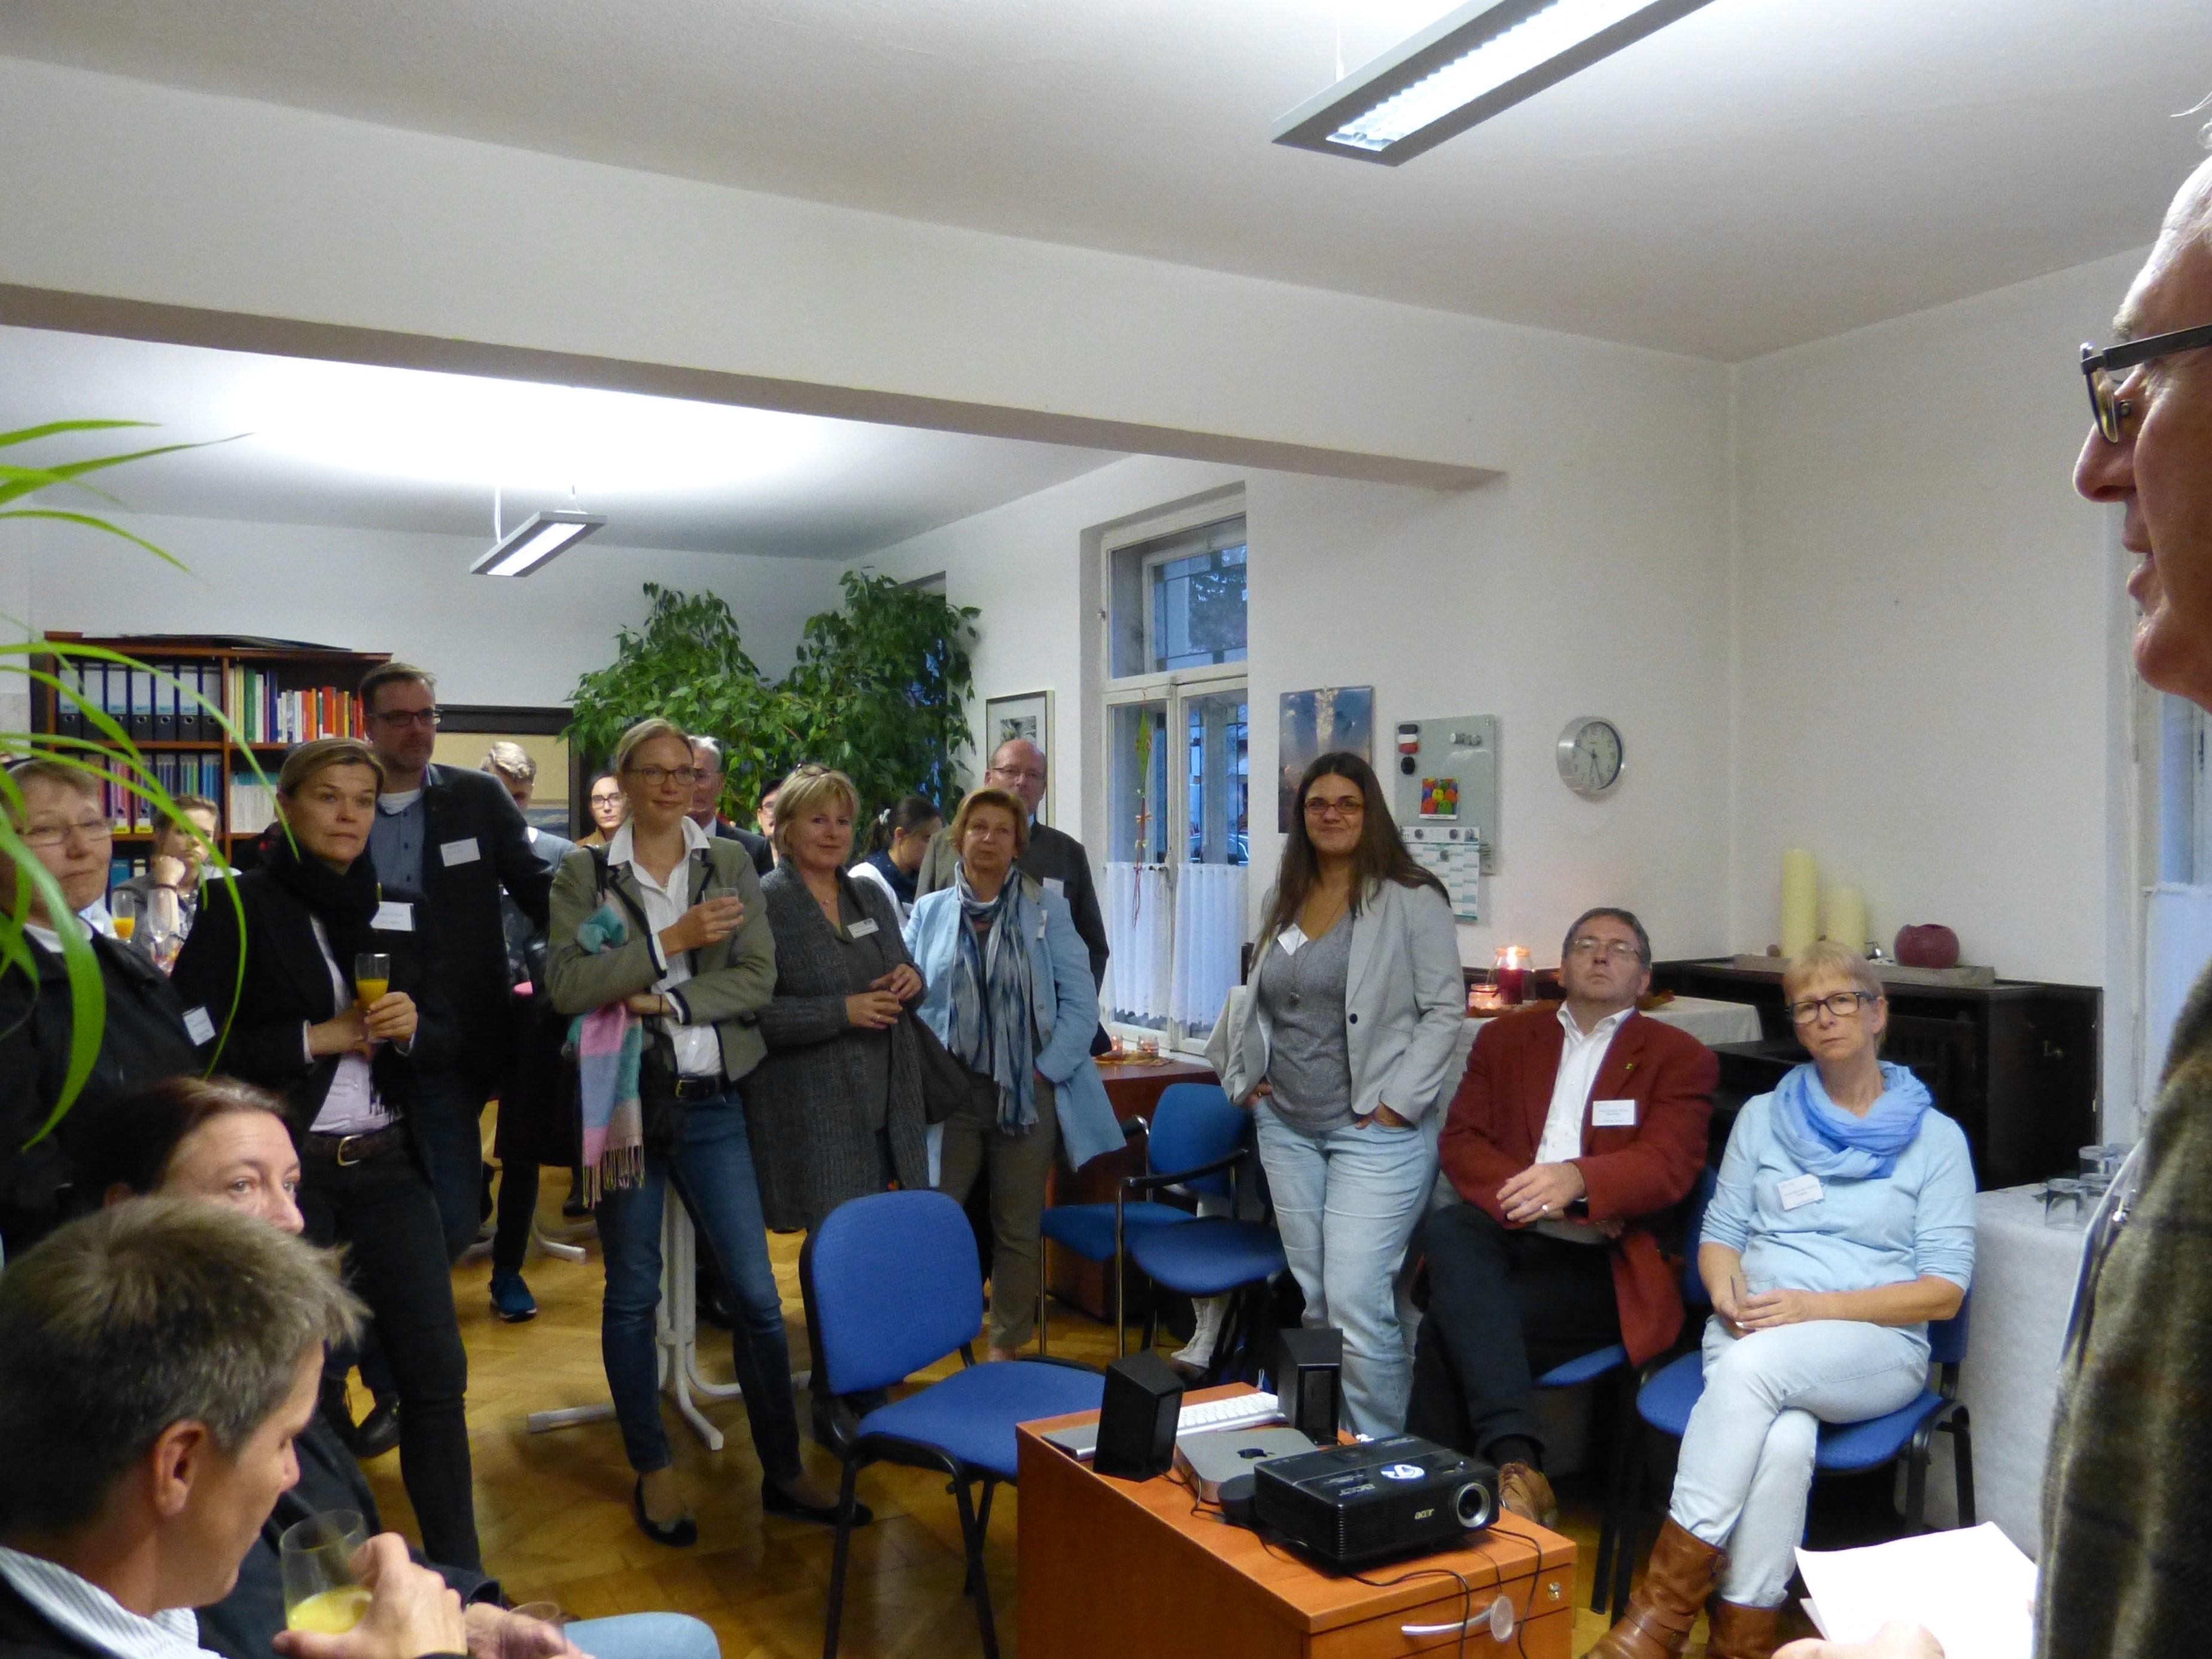 Begrüßung der Gäste durch Herrn Weger (1. Vorstizender)